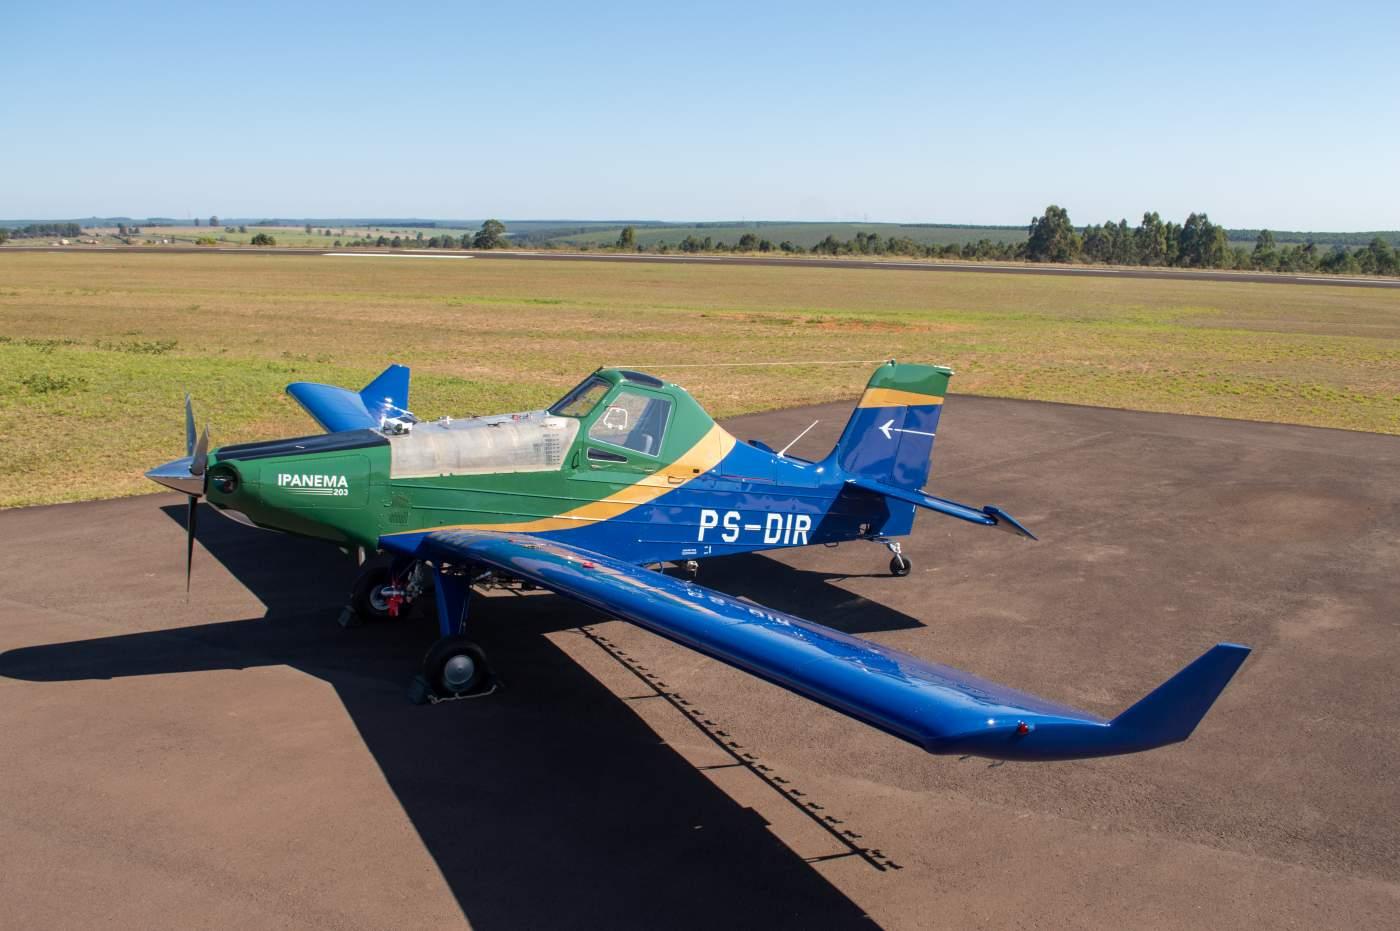 Embraer Ipanema